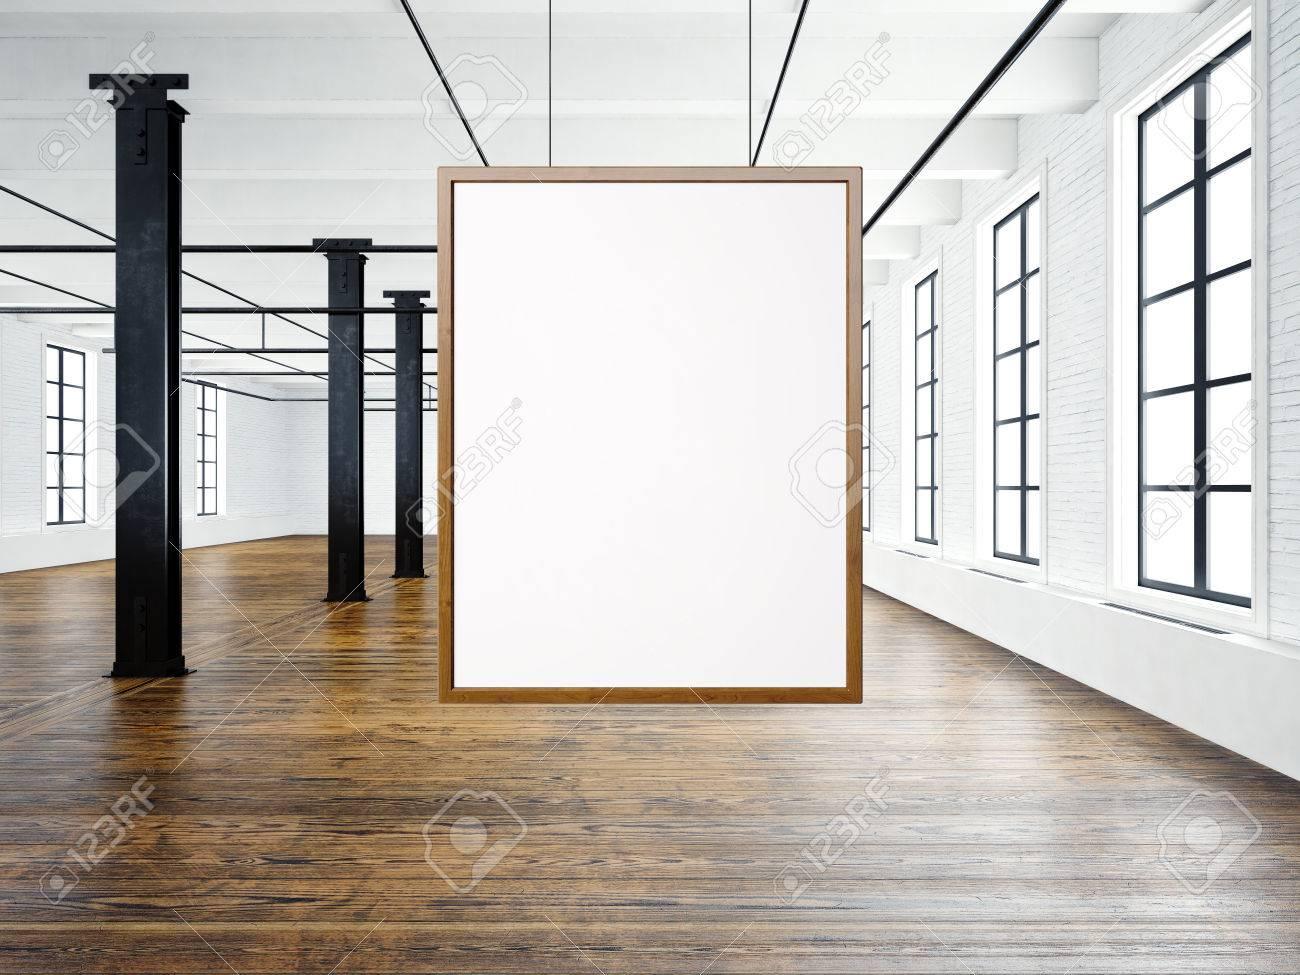 Foto Von Leeren Interieur Im Modernen Loft-Gebäude. Leere Weiße ...